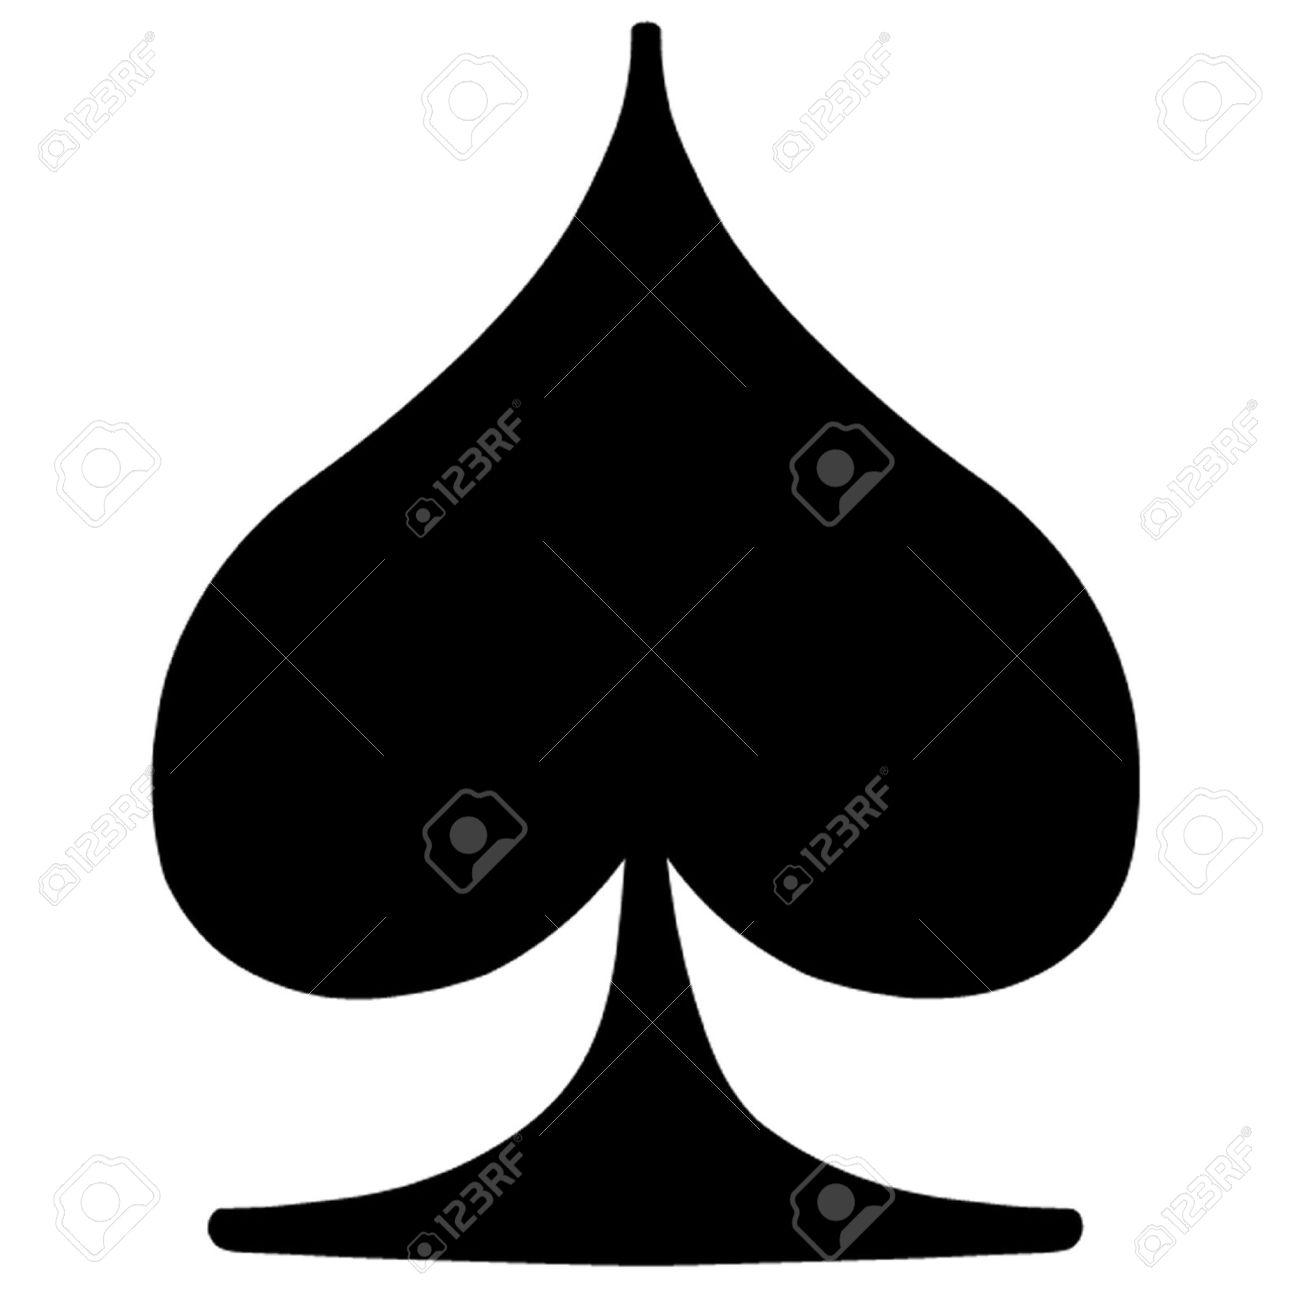 spade card sign  Poker Card Suit Spade